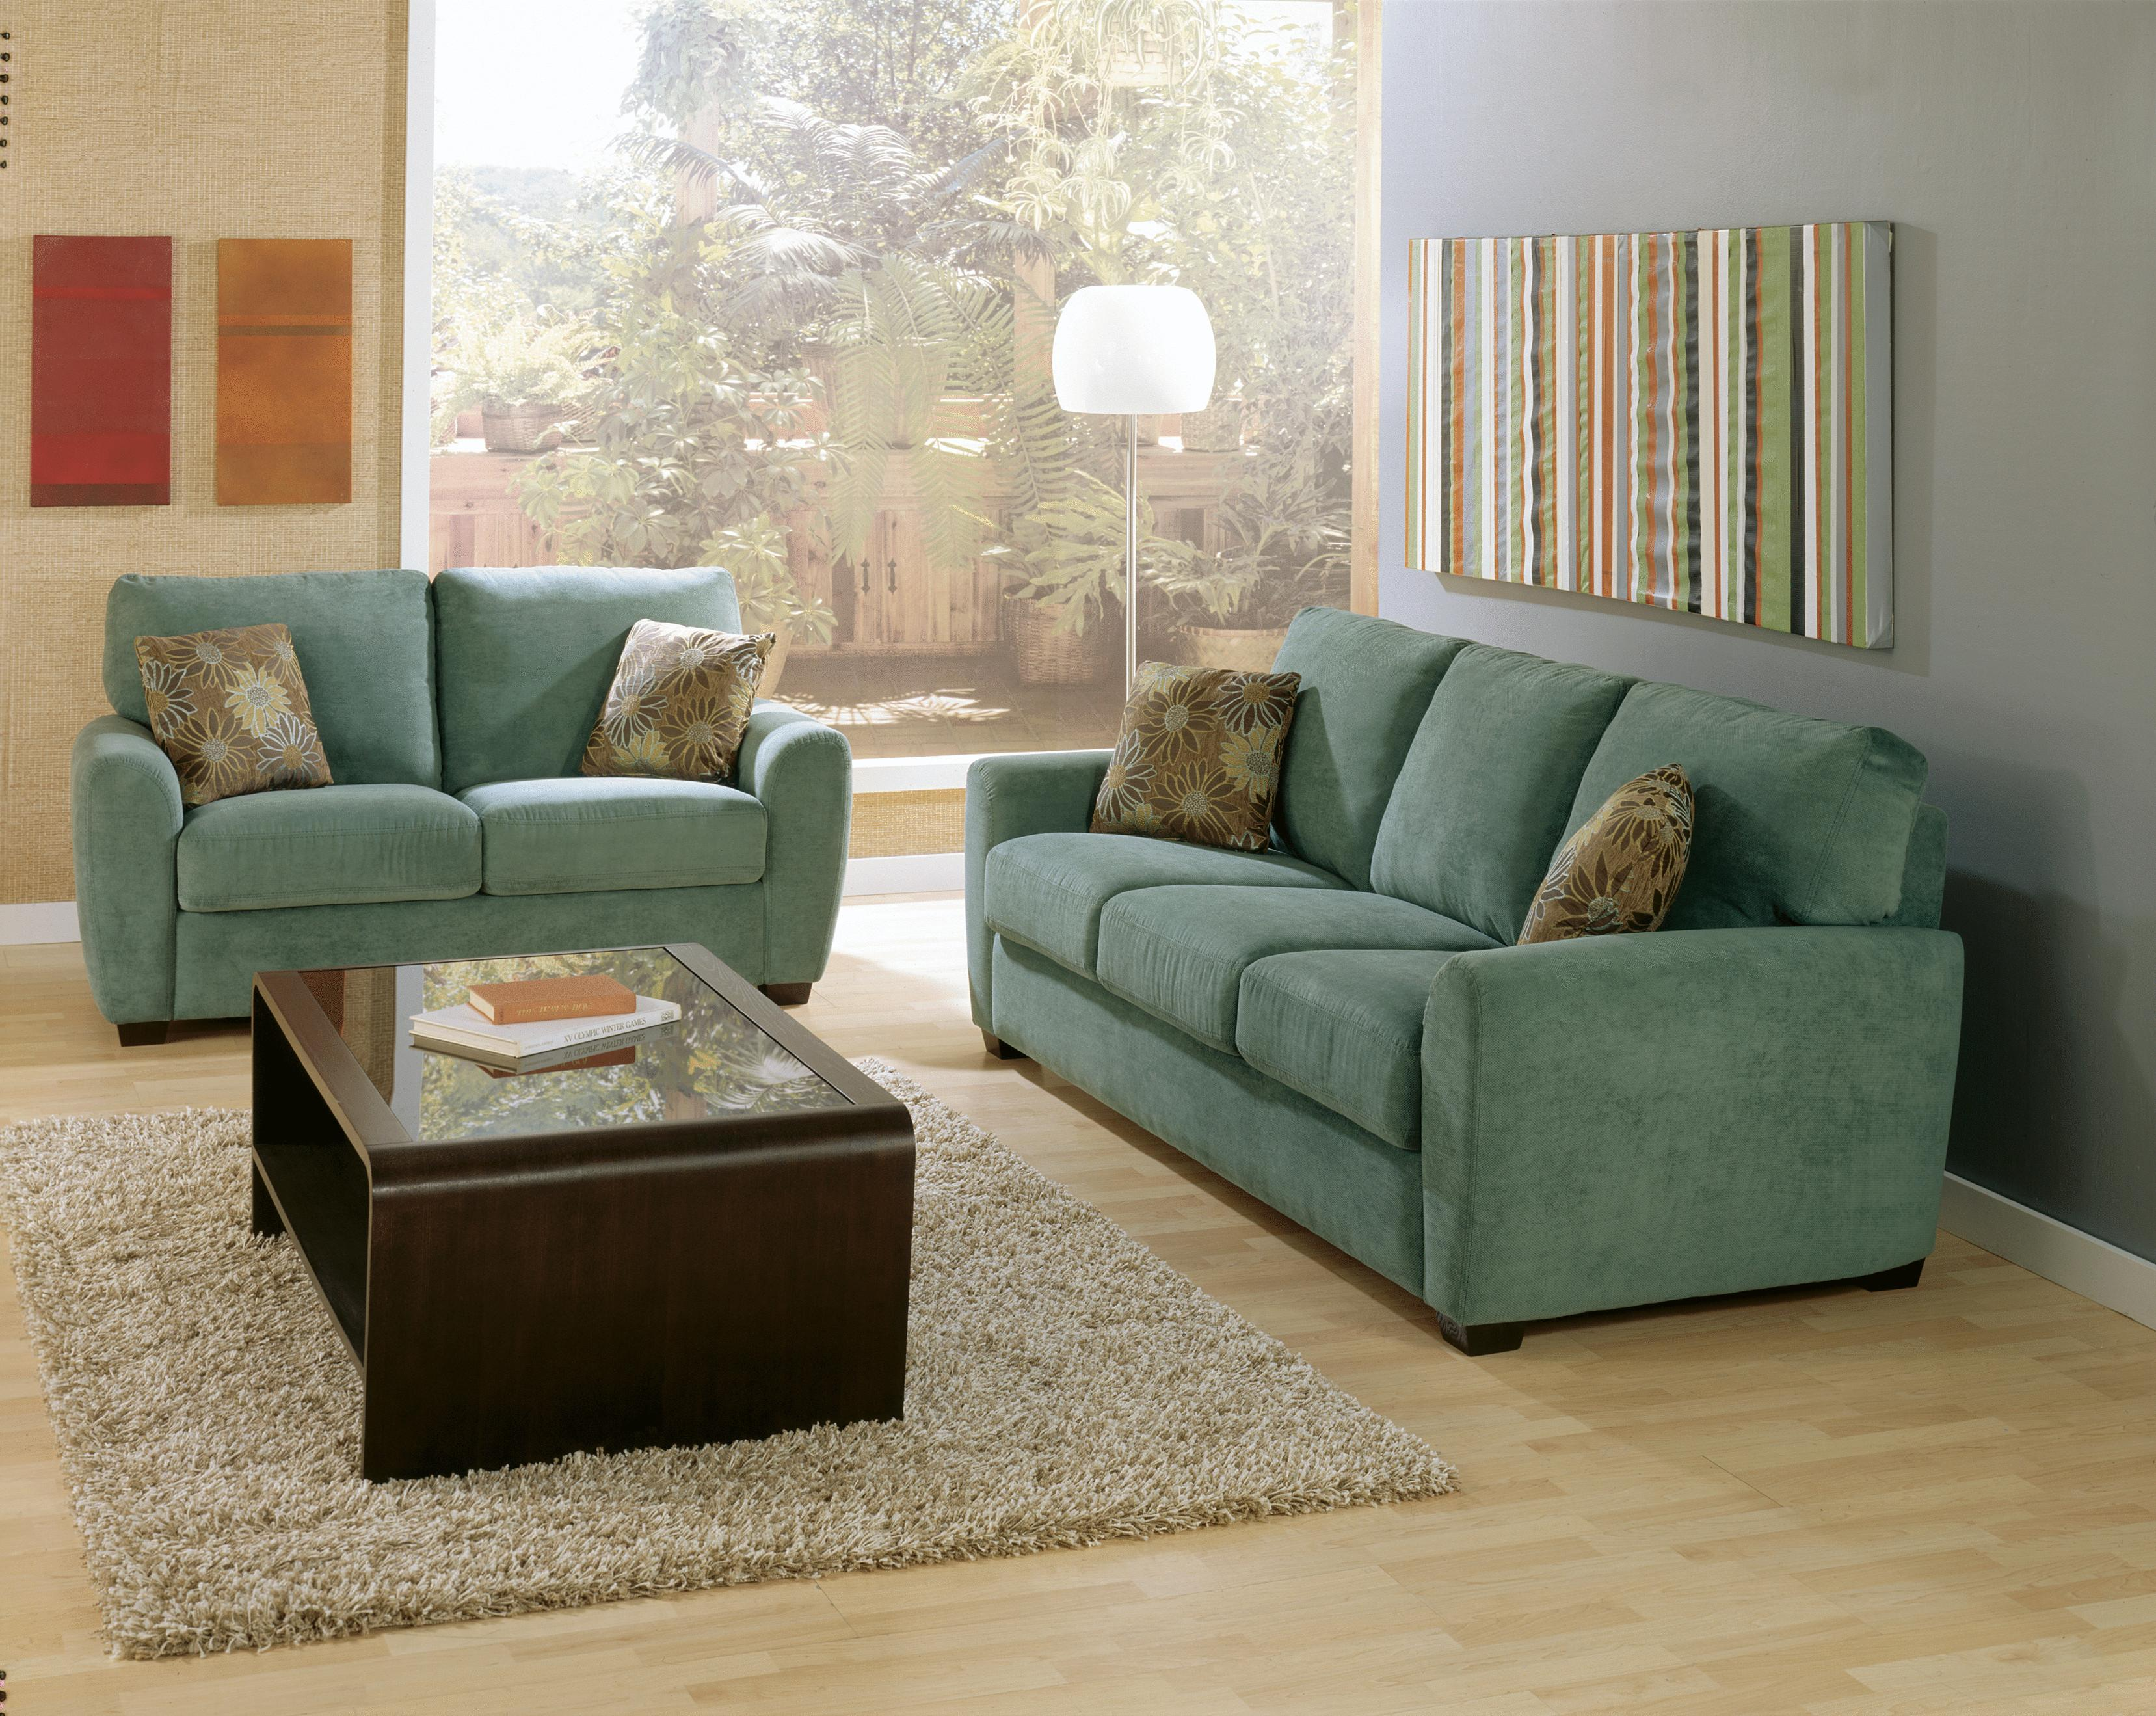 Palliser Connecticut Stationary Living Room Group Olinde